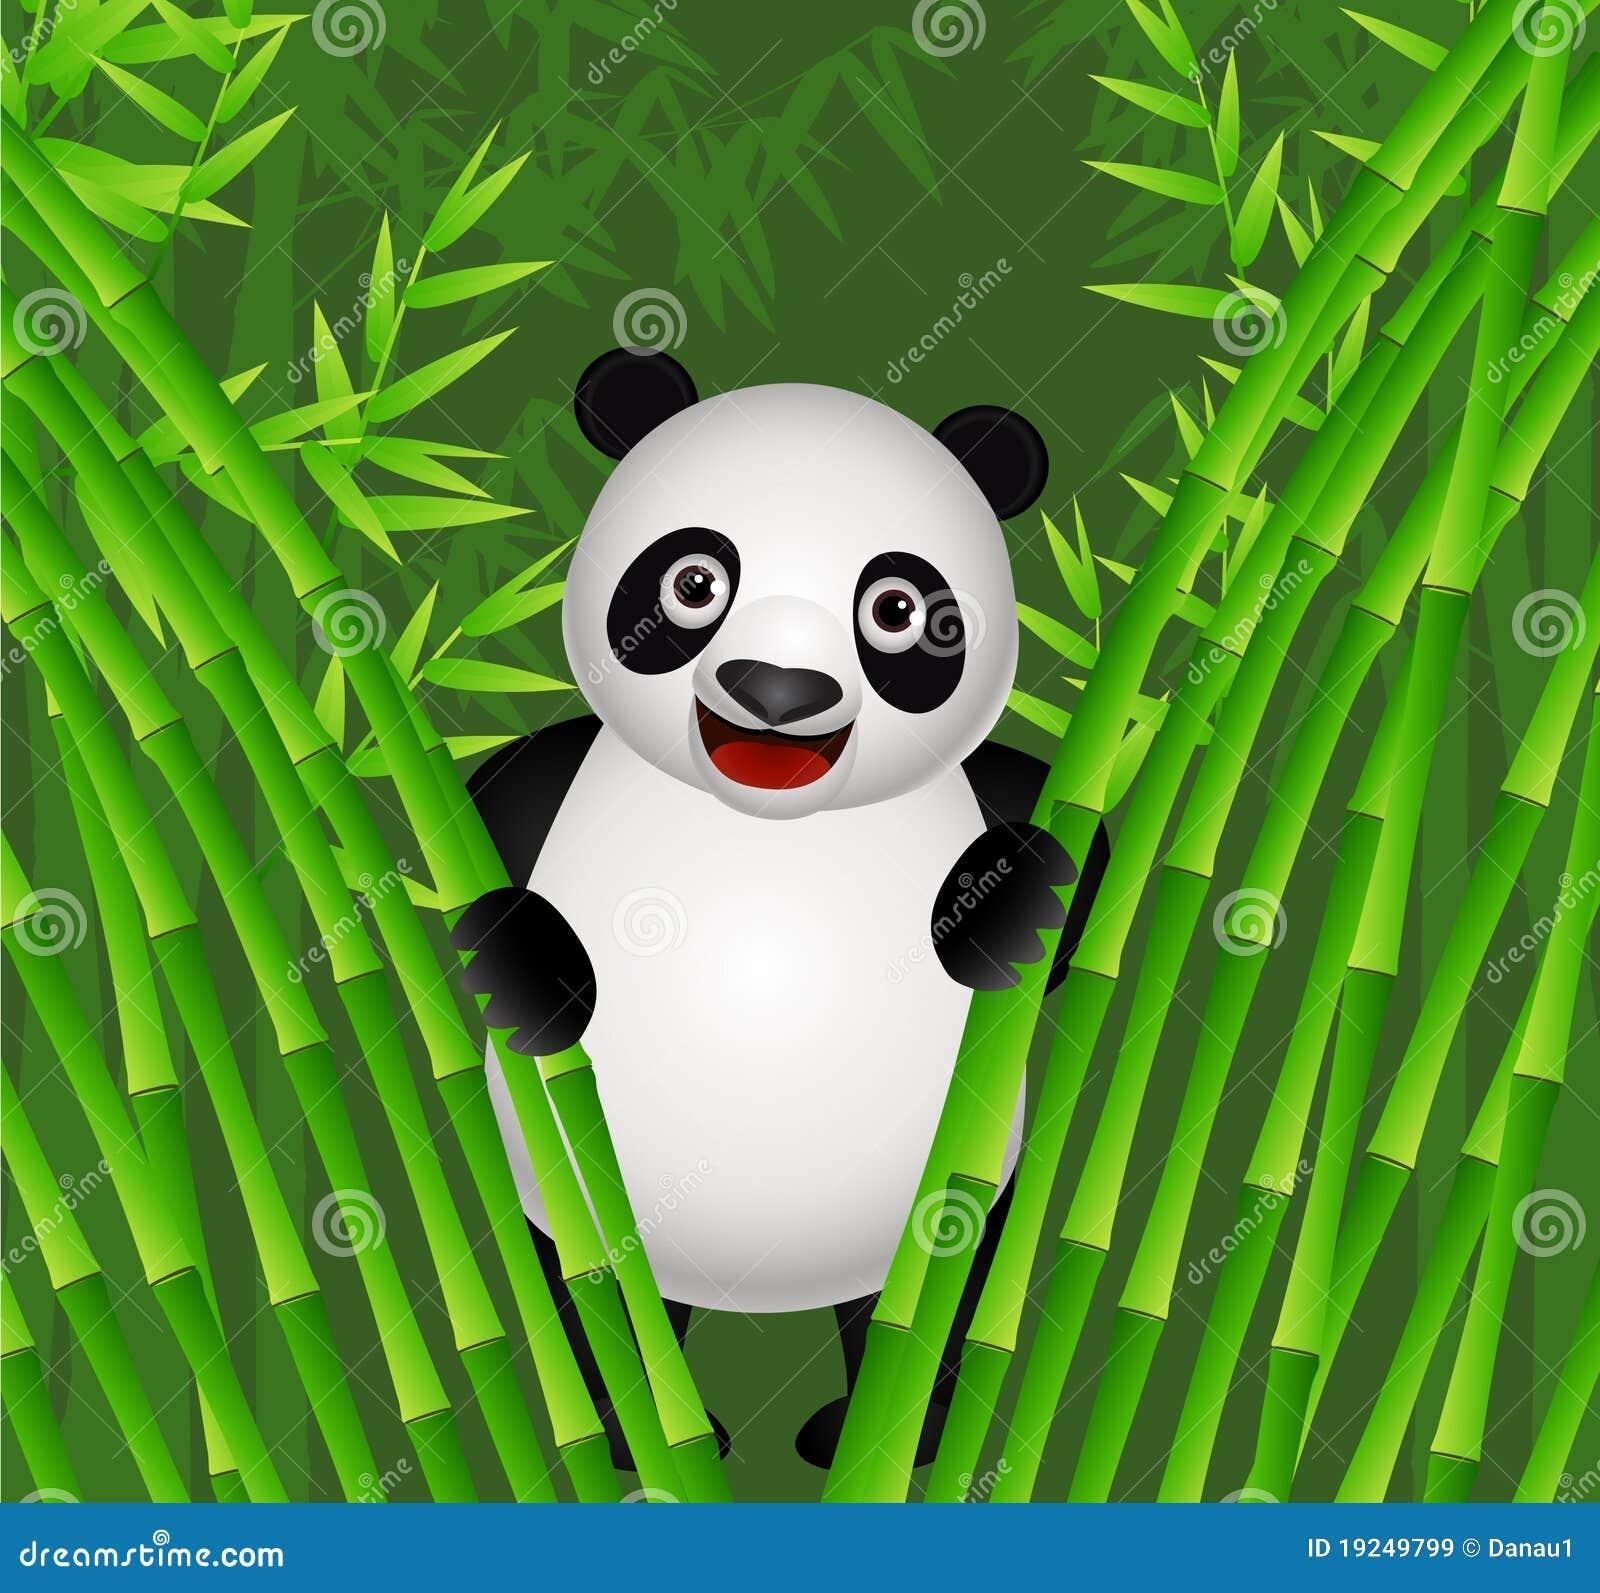 Cute Panda Cartoon In The Nature Stock Vector Image